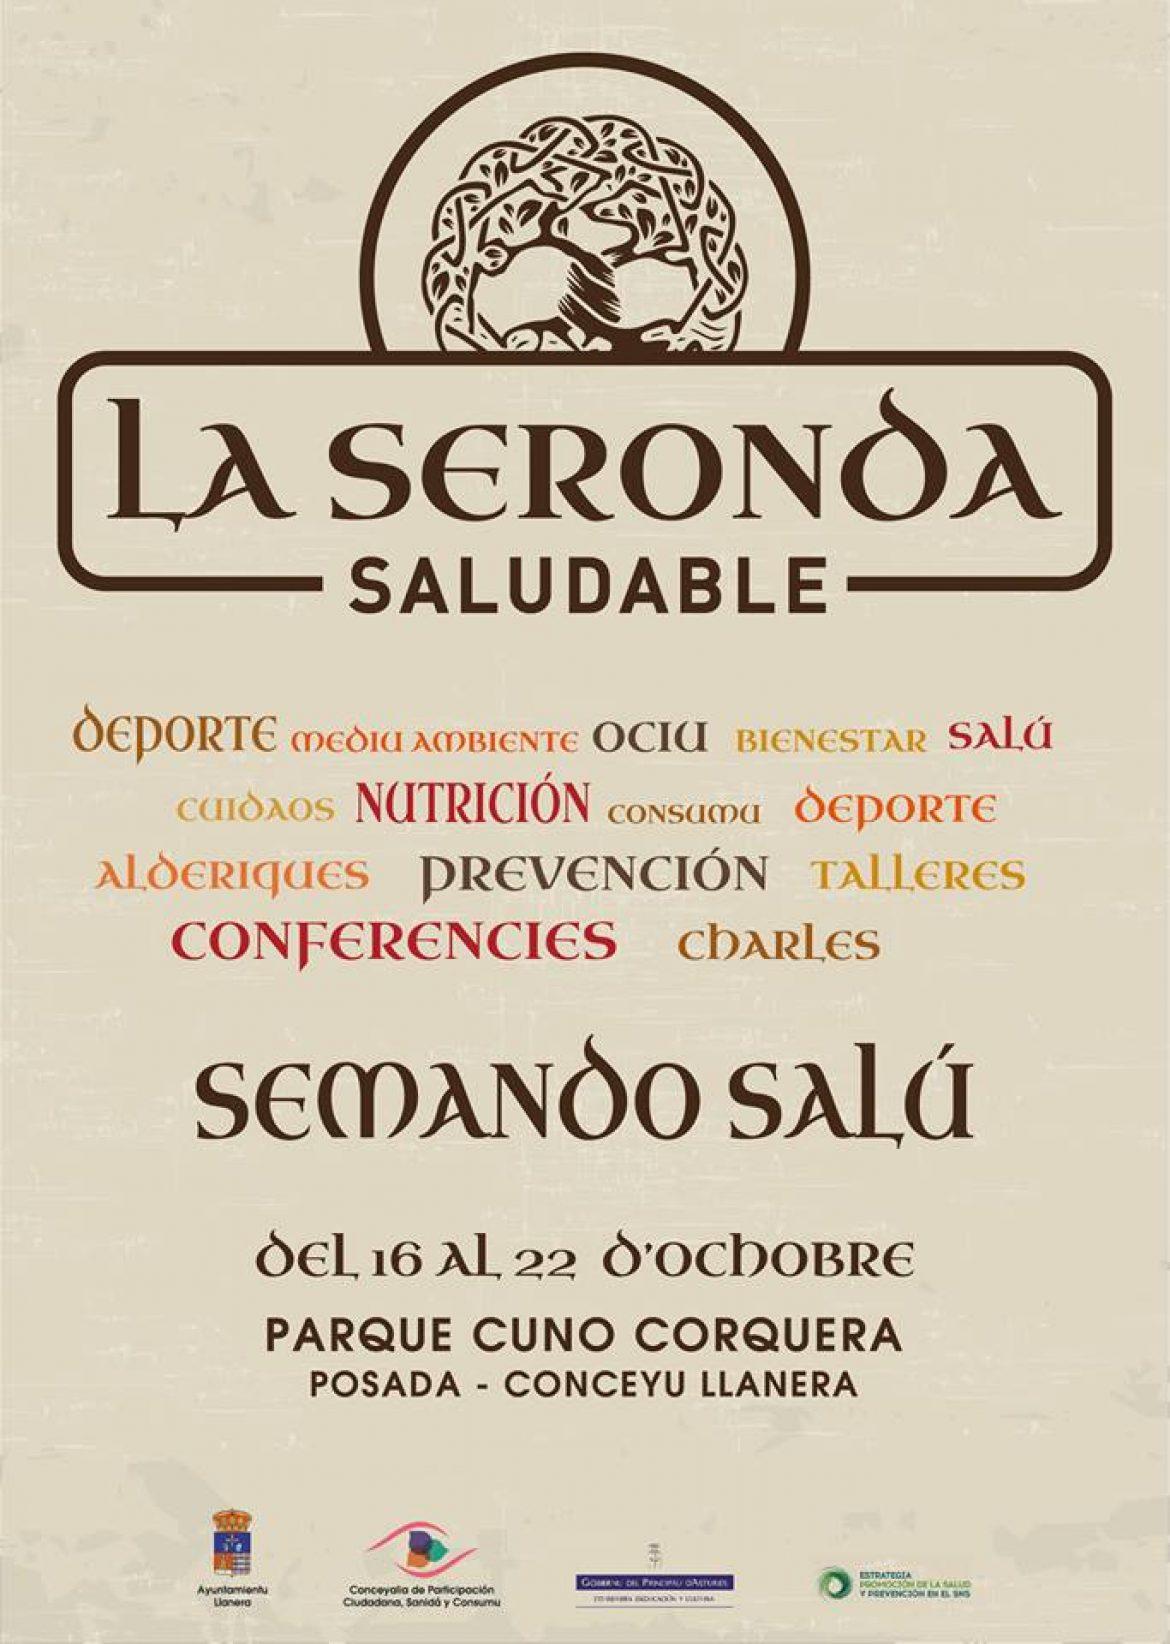 Jueves 19 de Octubre, a las 17 horas, en Posada , La Seronda